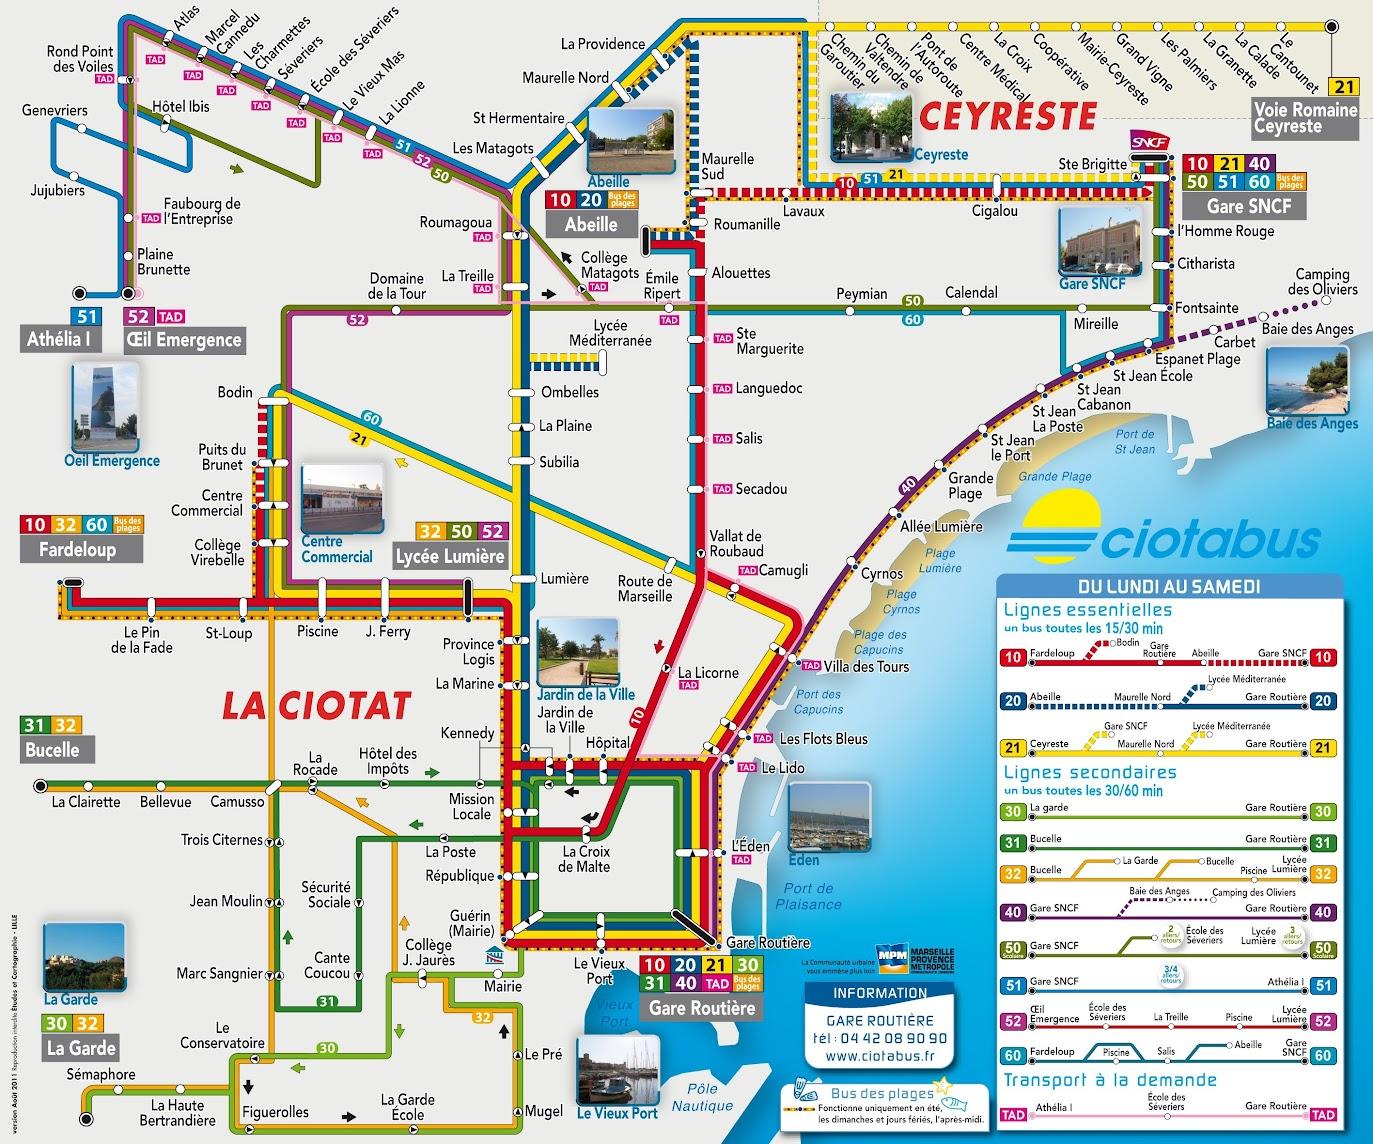 Схема автобусных маршрутов по La Ciotat